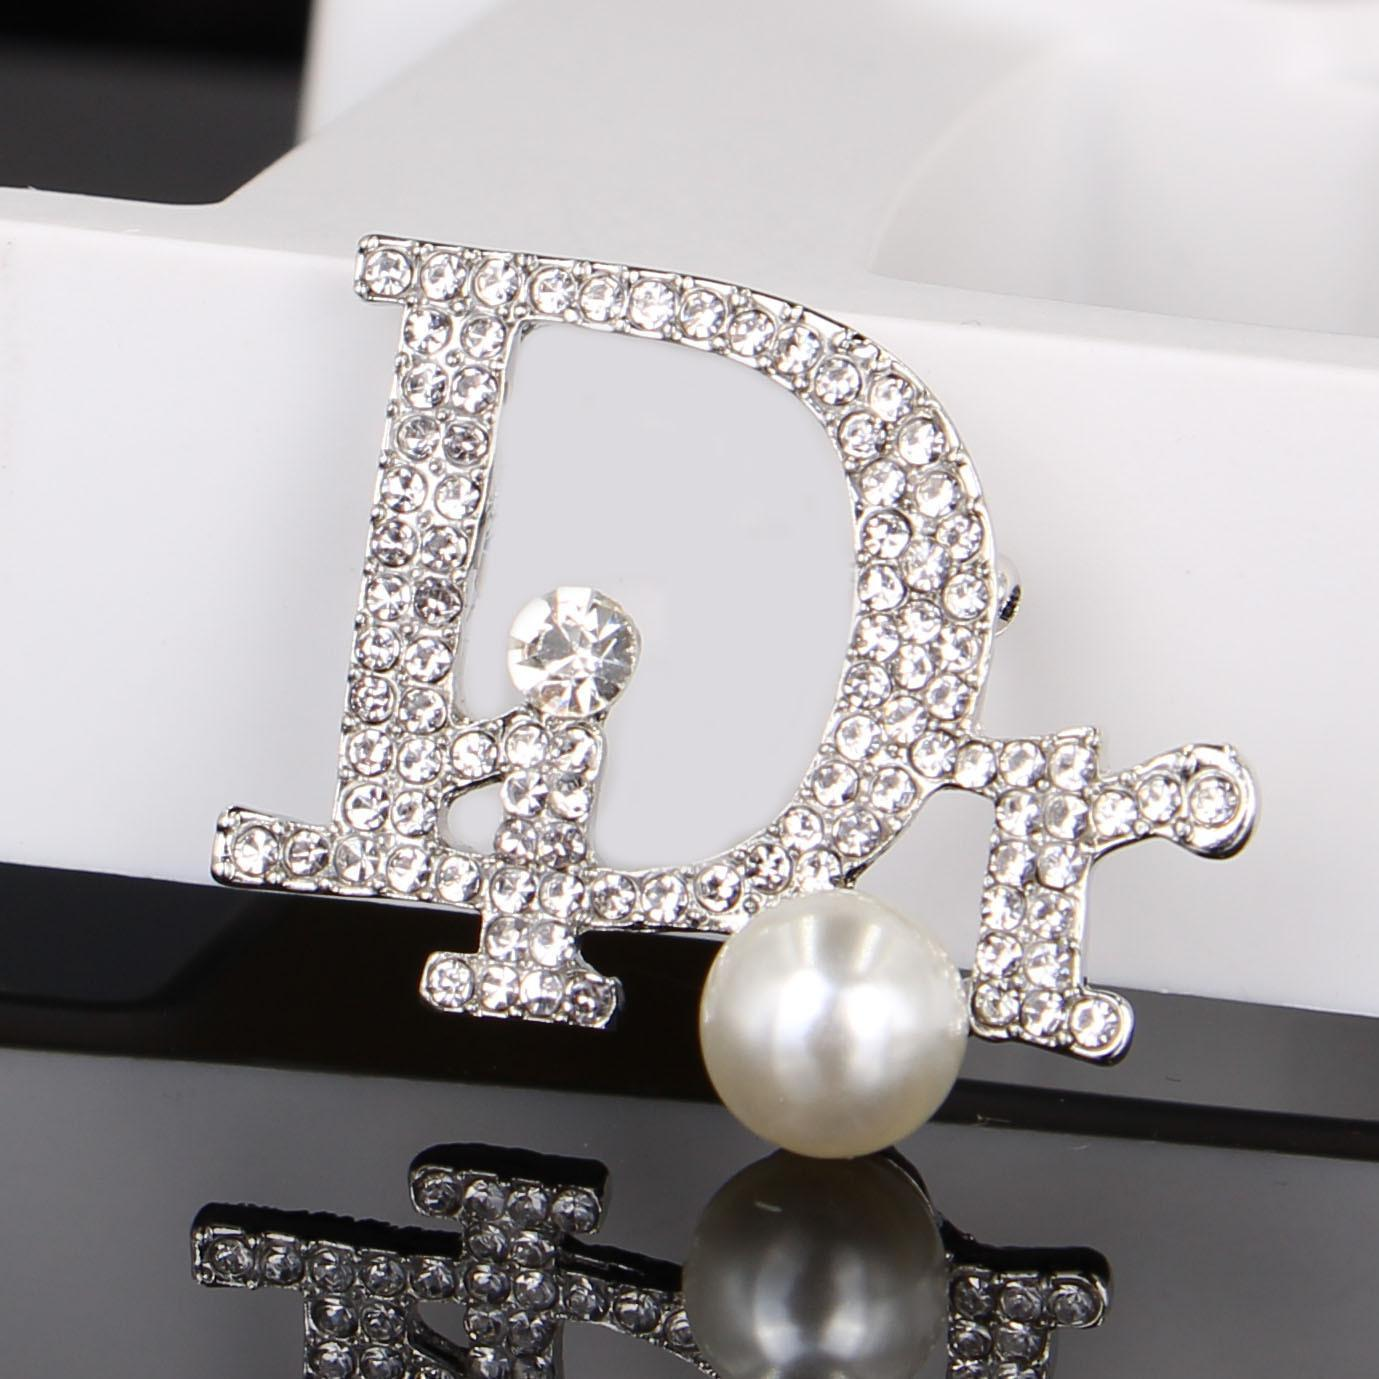 Aşk için Vintage Kristal Lüks Broş Kadınlar Harf İnci Tasarımcı Broş Yapay elmas Moda Marka Broş Hediye